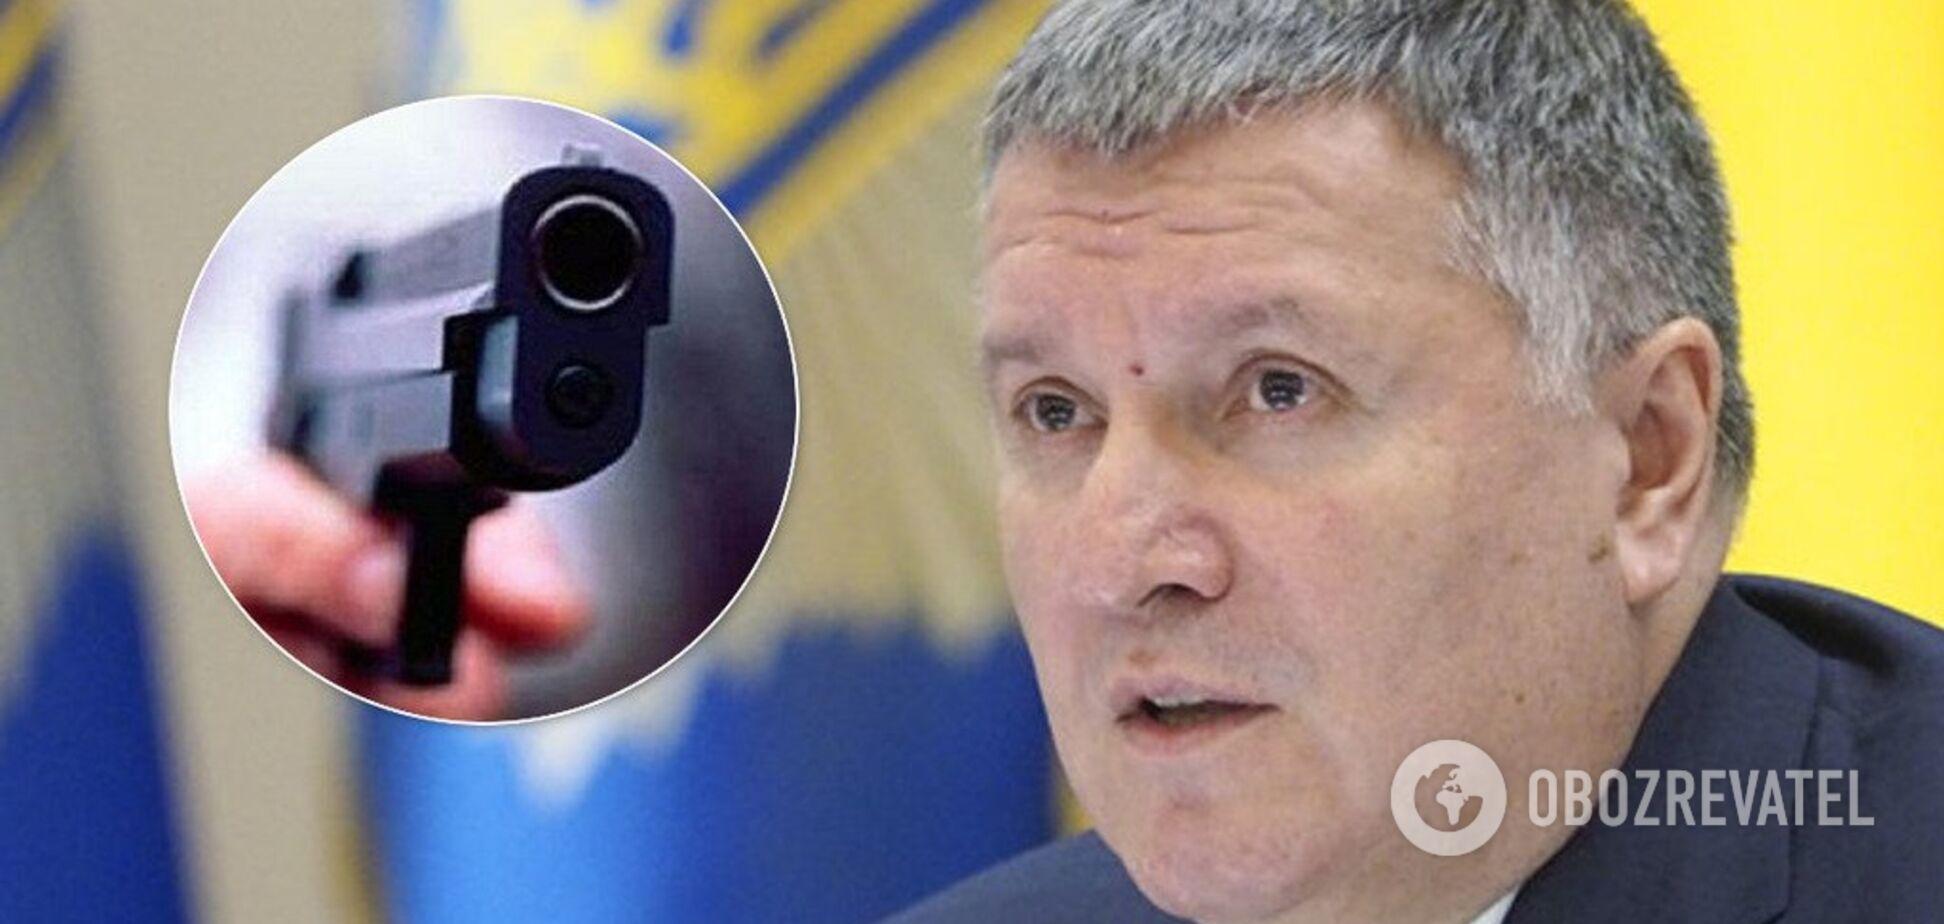 На Закарпатье стреляли в полицейского: Аваков сделал срочное заявление